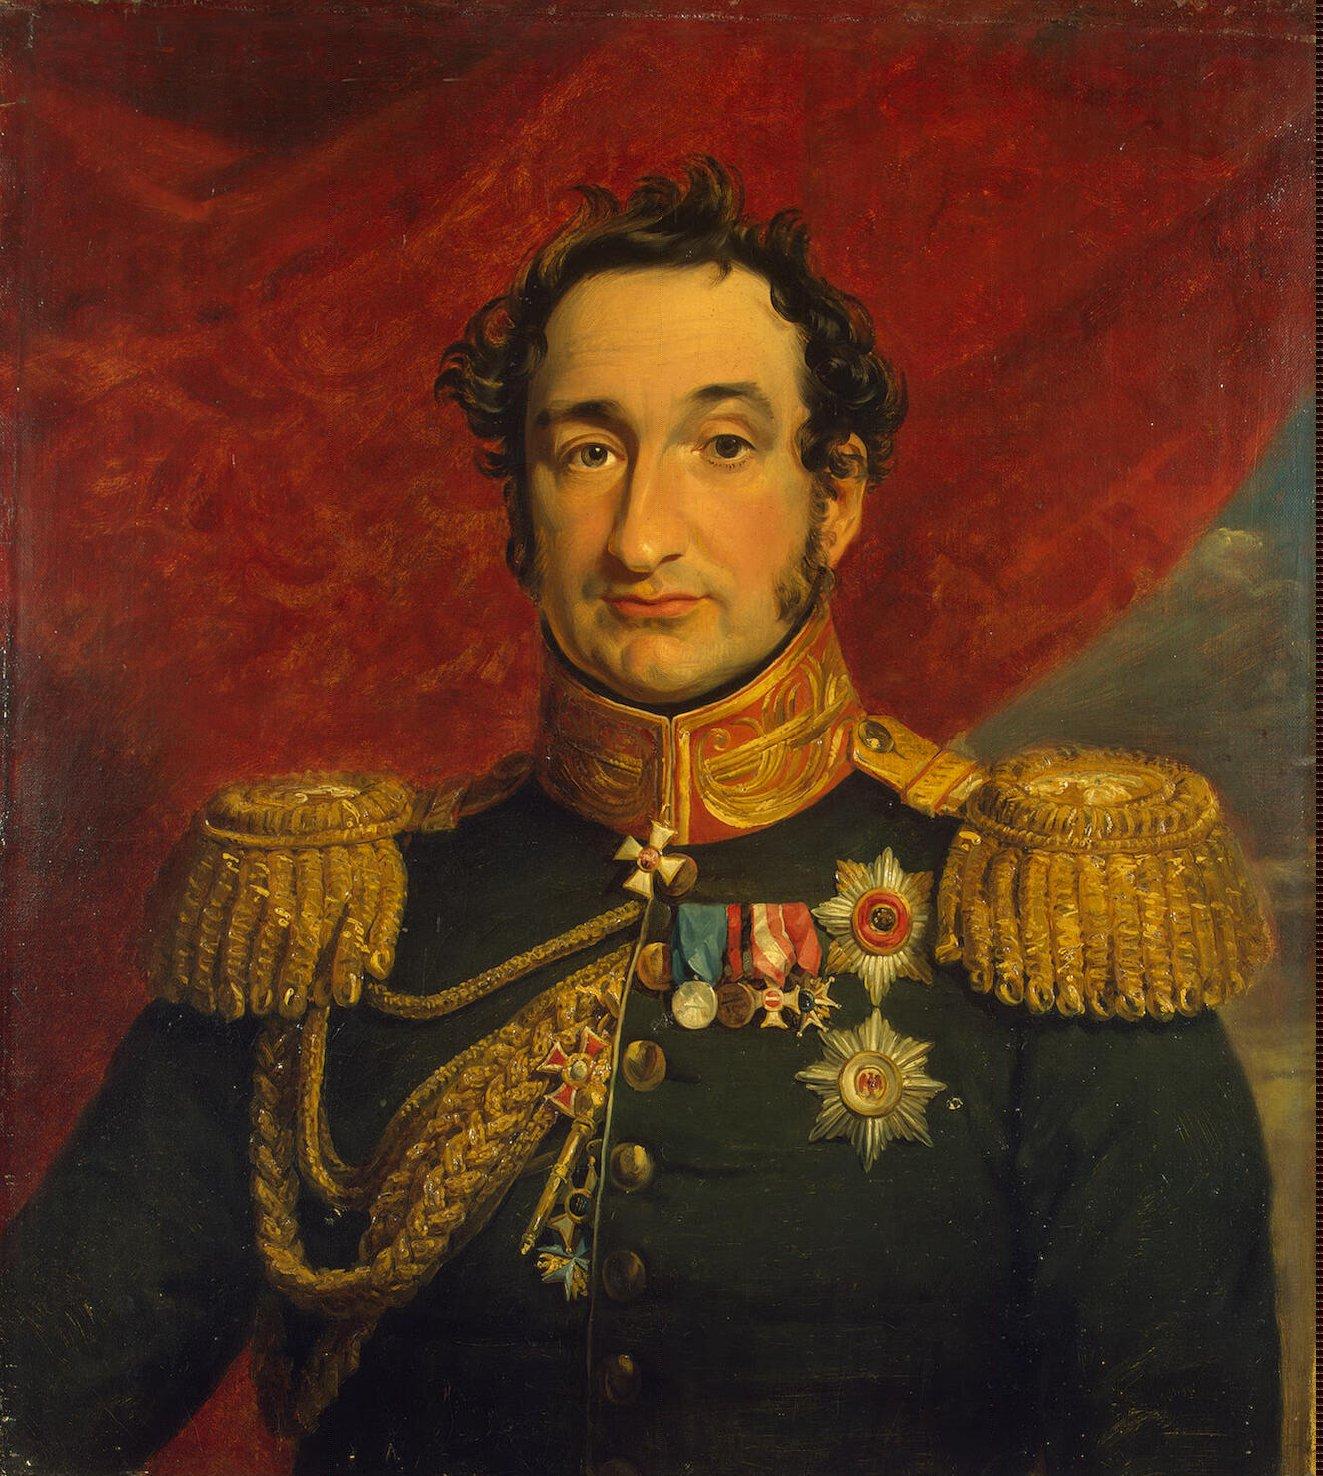 Трубецкой, Василий Сергеевич